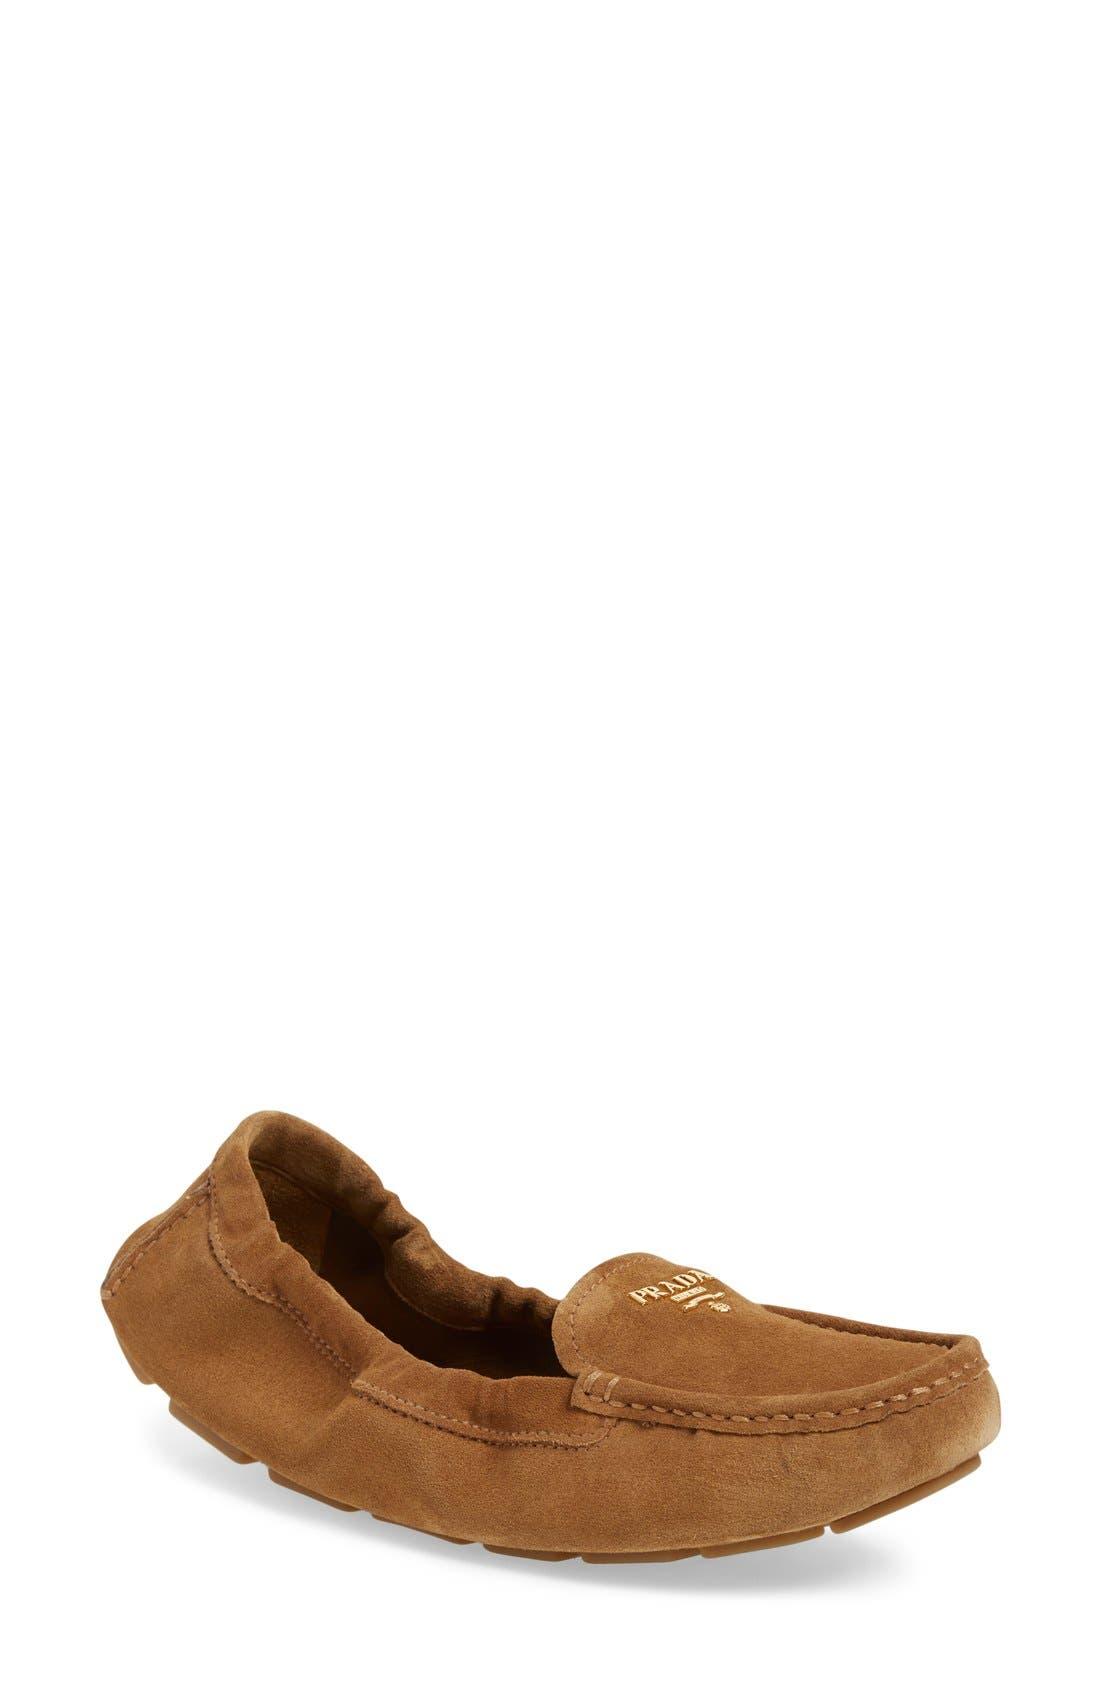 Alternate Image 1 Selected - Prada Driving Shoe (Women)